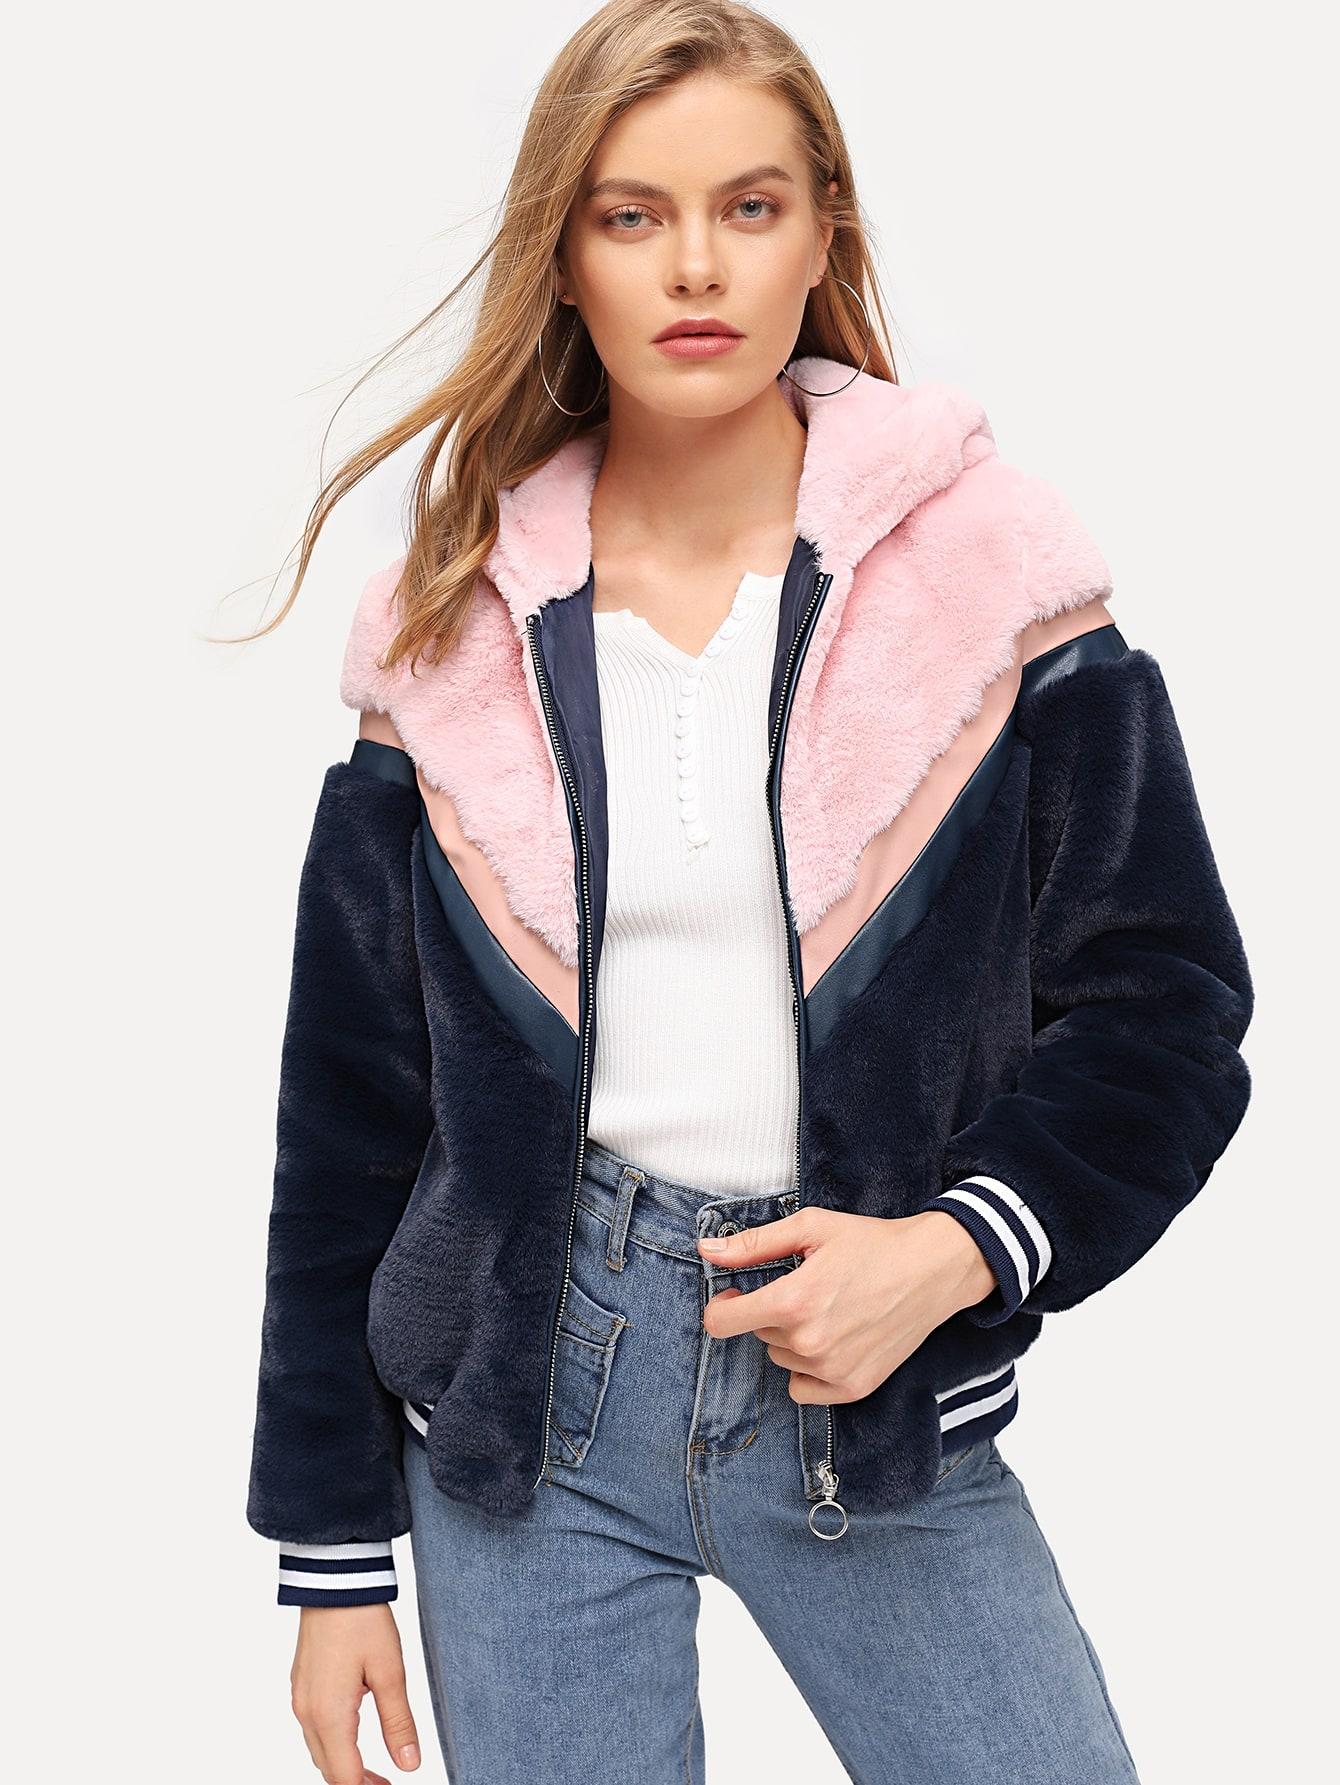 Купить Контрастное пальто Teddy с капюшоном и застёжкой молния, Kate C, SheIn